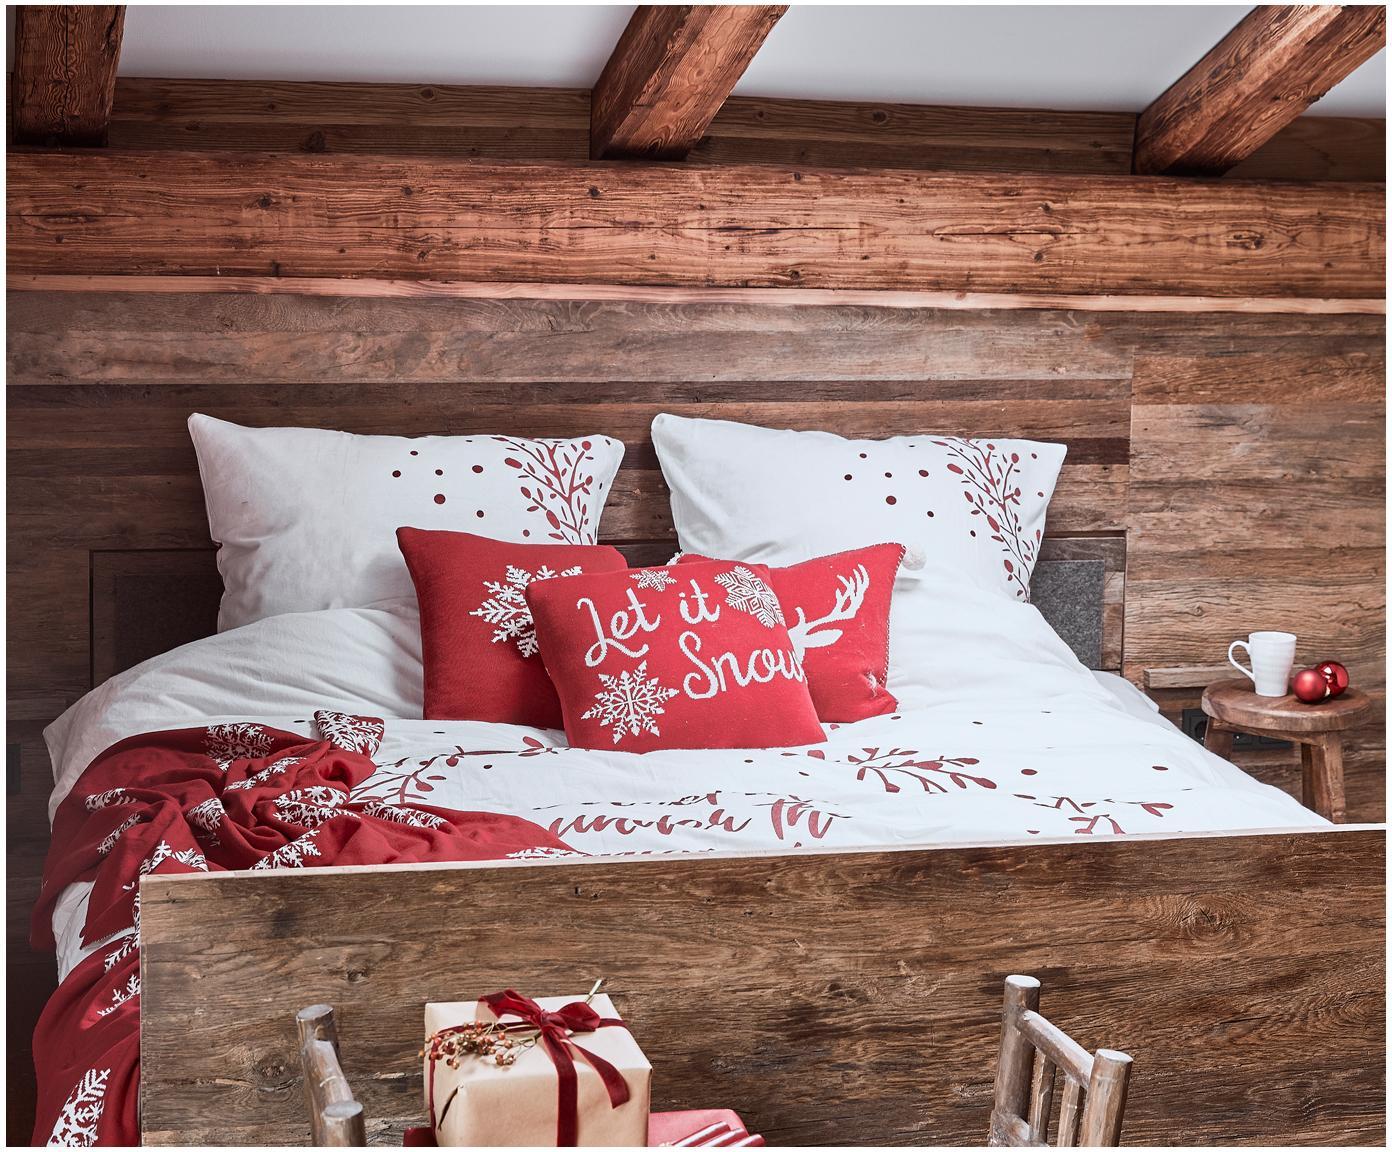 Flanell-Bettwäsche Mistletoe in Weiß/Rot, Webart: Flanell Flanell ist ein s, Weiß, Rot, 240 x 220 cm + 2 Kissen 80 x 80 cm